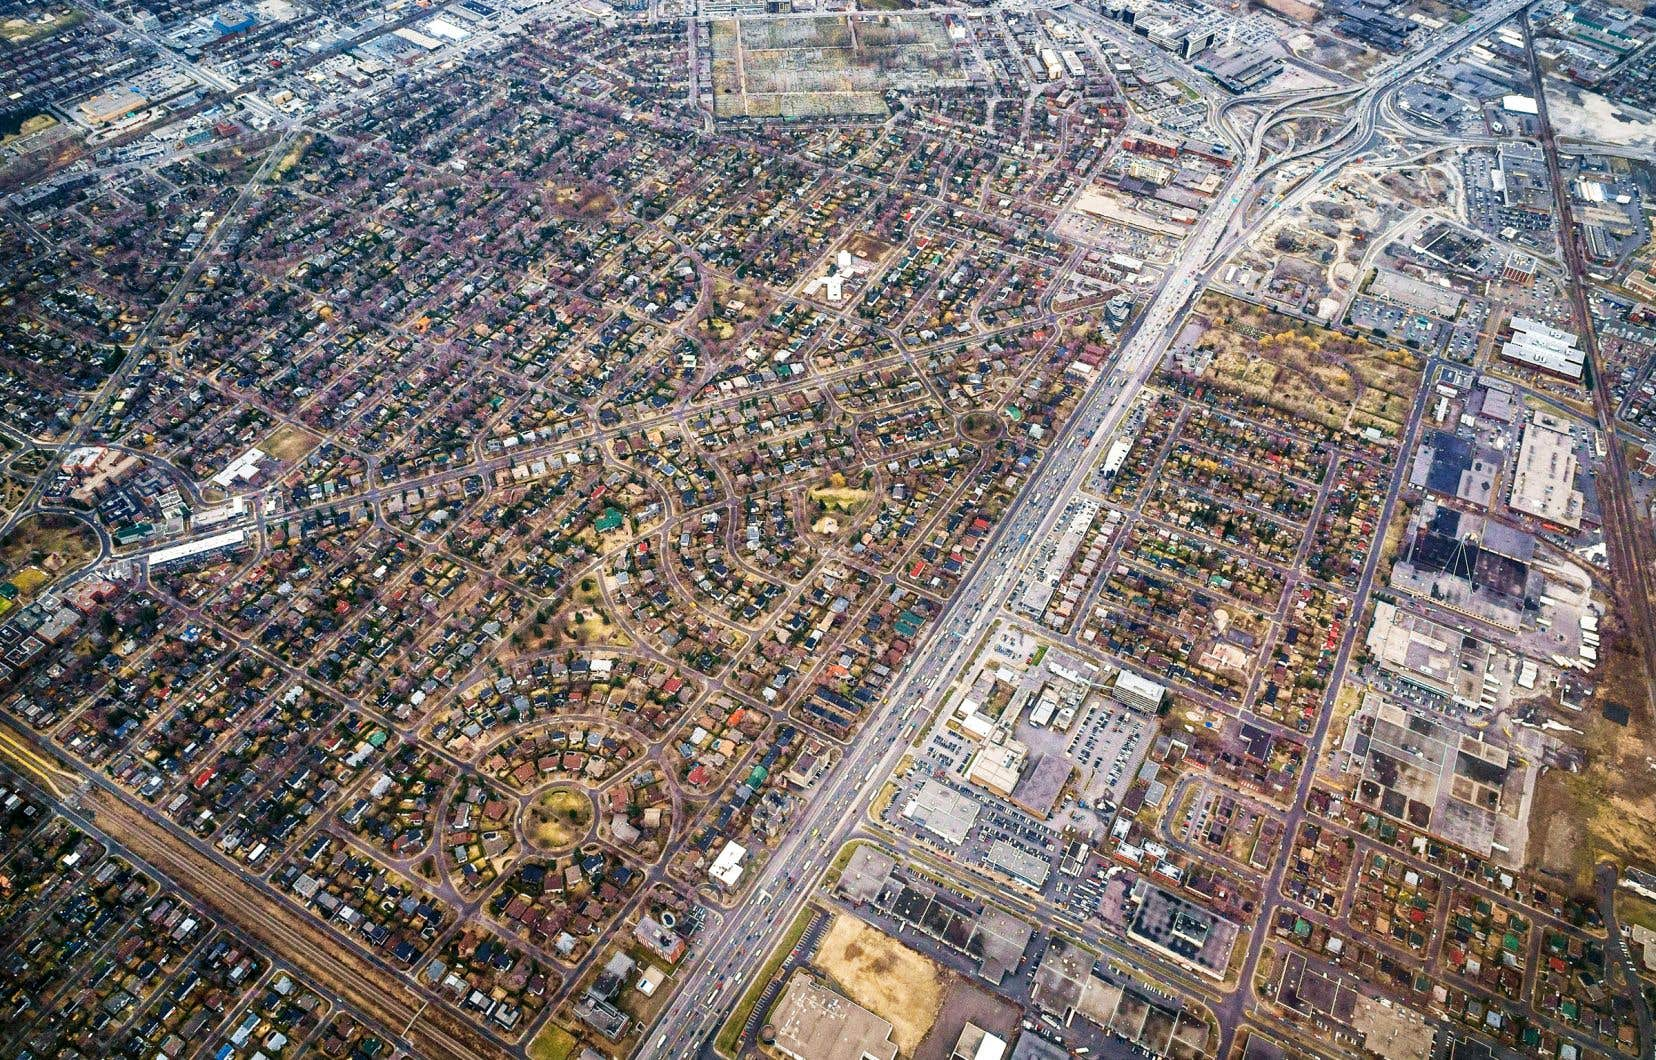 Au printemps dernier, dans l'urgence, la Ville de Montréal a aménagé des corridors, qu'elle a baptisés les voies actives sécuritaires, afin de faciliter les déplacements des piétons. Les trottoirs ont été élargis, empiétant sur la chaussée, et des artères commerciales ont été fermées à la circulation automobile. L'espace d'un été, les piétons sont devenus rois dans certains secteurs de la métropole.